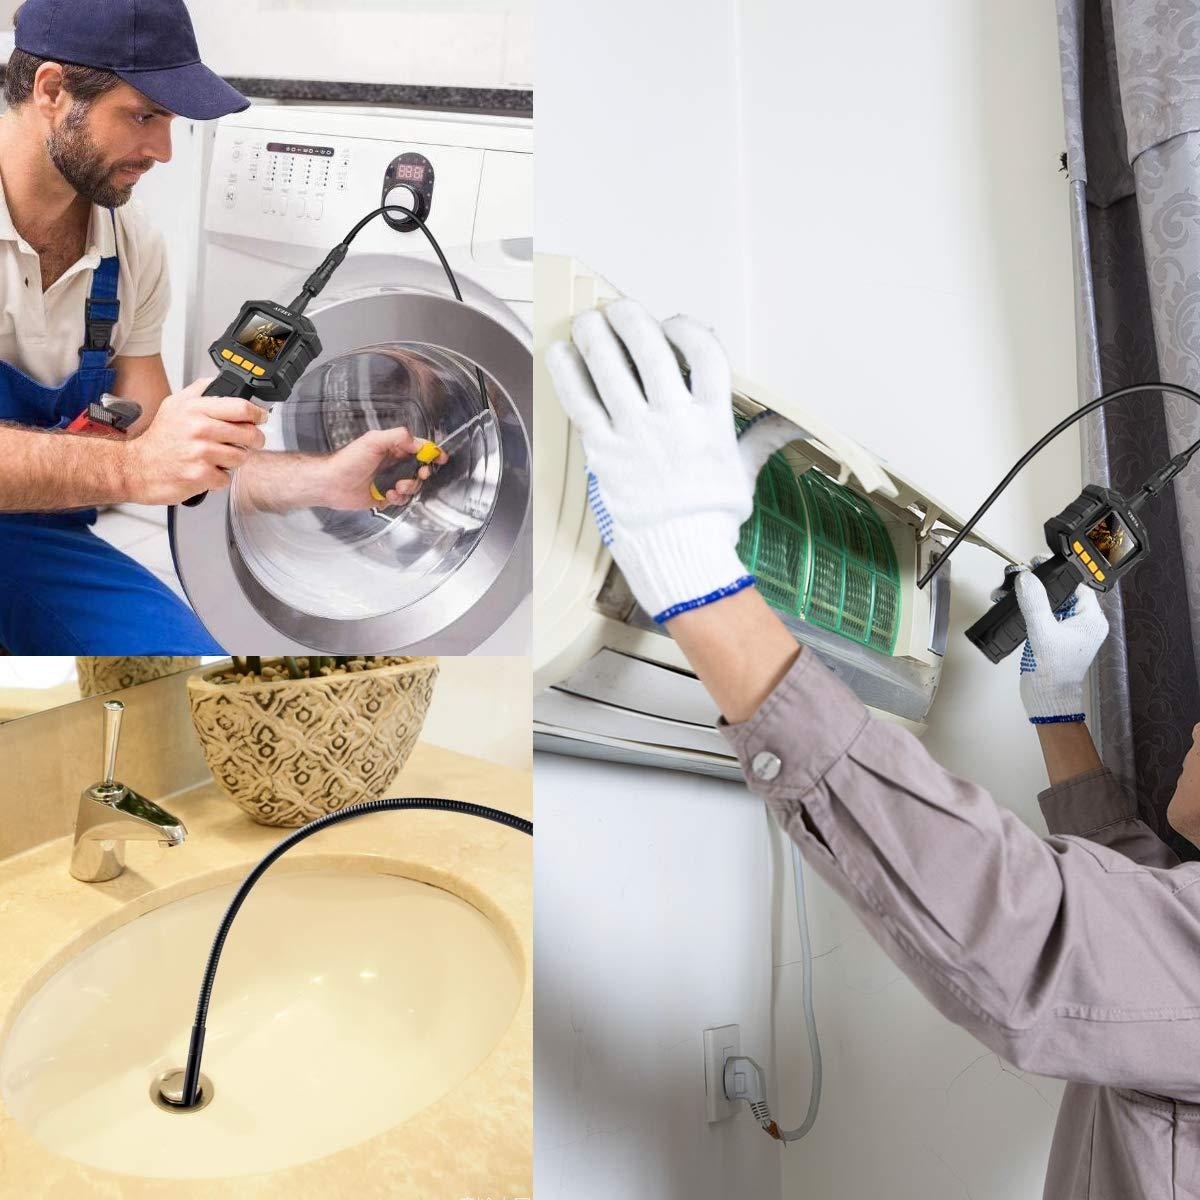 Auzev Endoskopkamera 2,31 Zoll Monitor 1 Meter 8 Stufe Einstellbare Helligkeit und 8mm Durchmesser Flexible endoskopkamera Boreskop Hand Digitales Inspektionskamera f/ür Kfz-Bereich